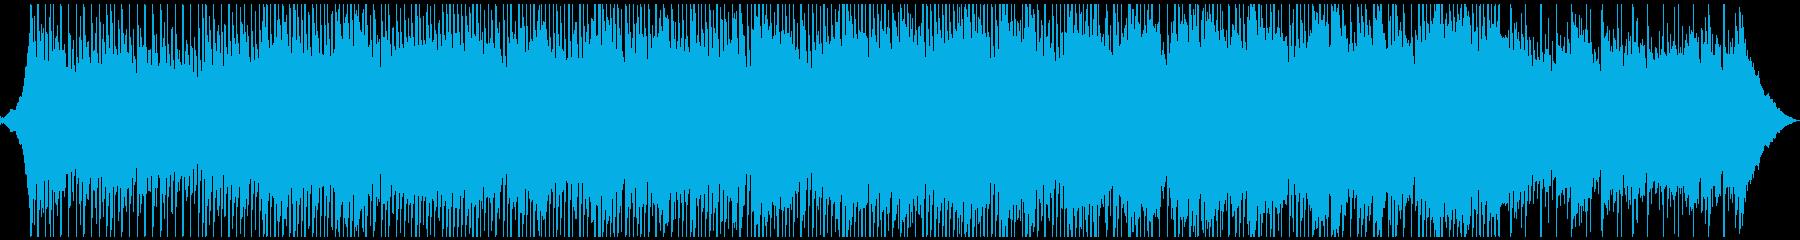 民謡 未来 テクノロジー コーポレ...の再生済みの波形